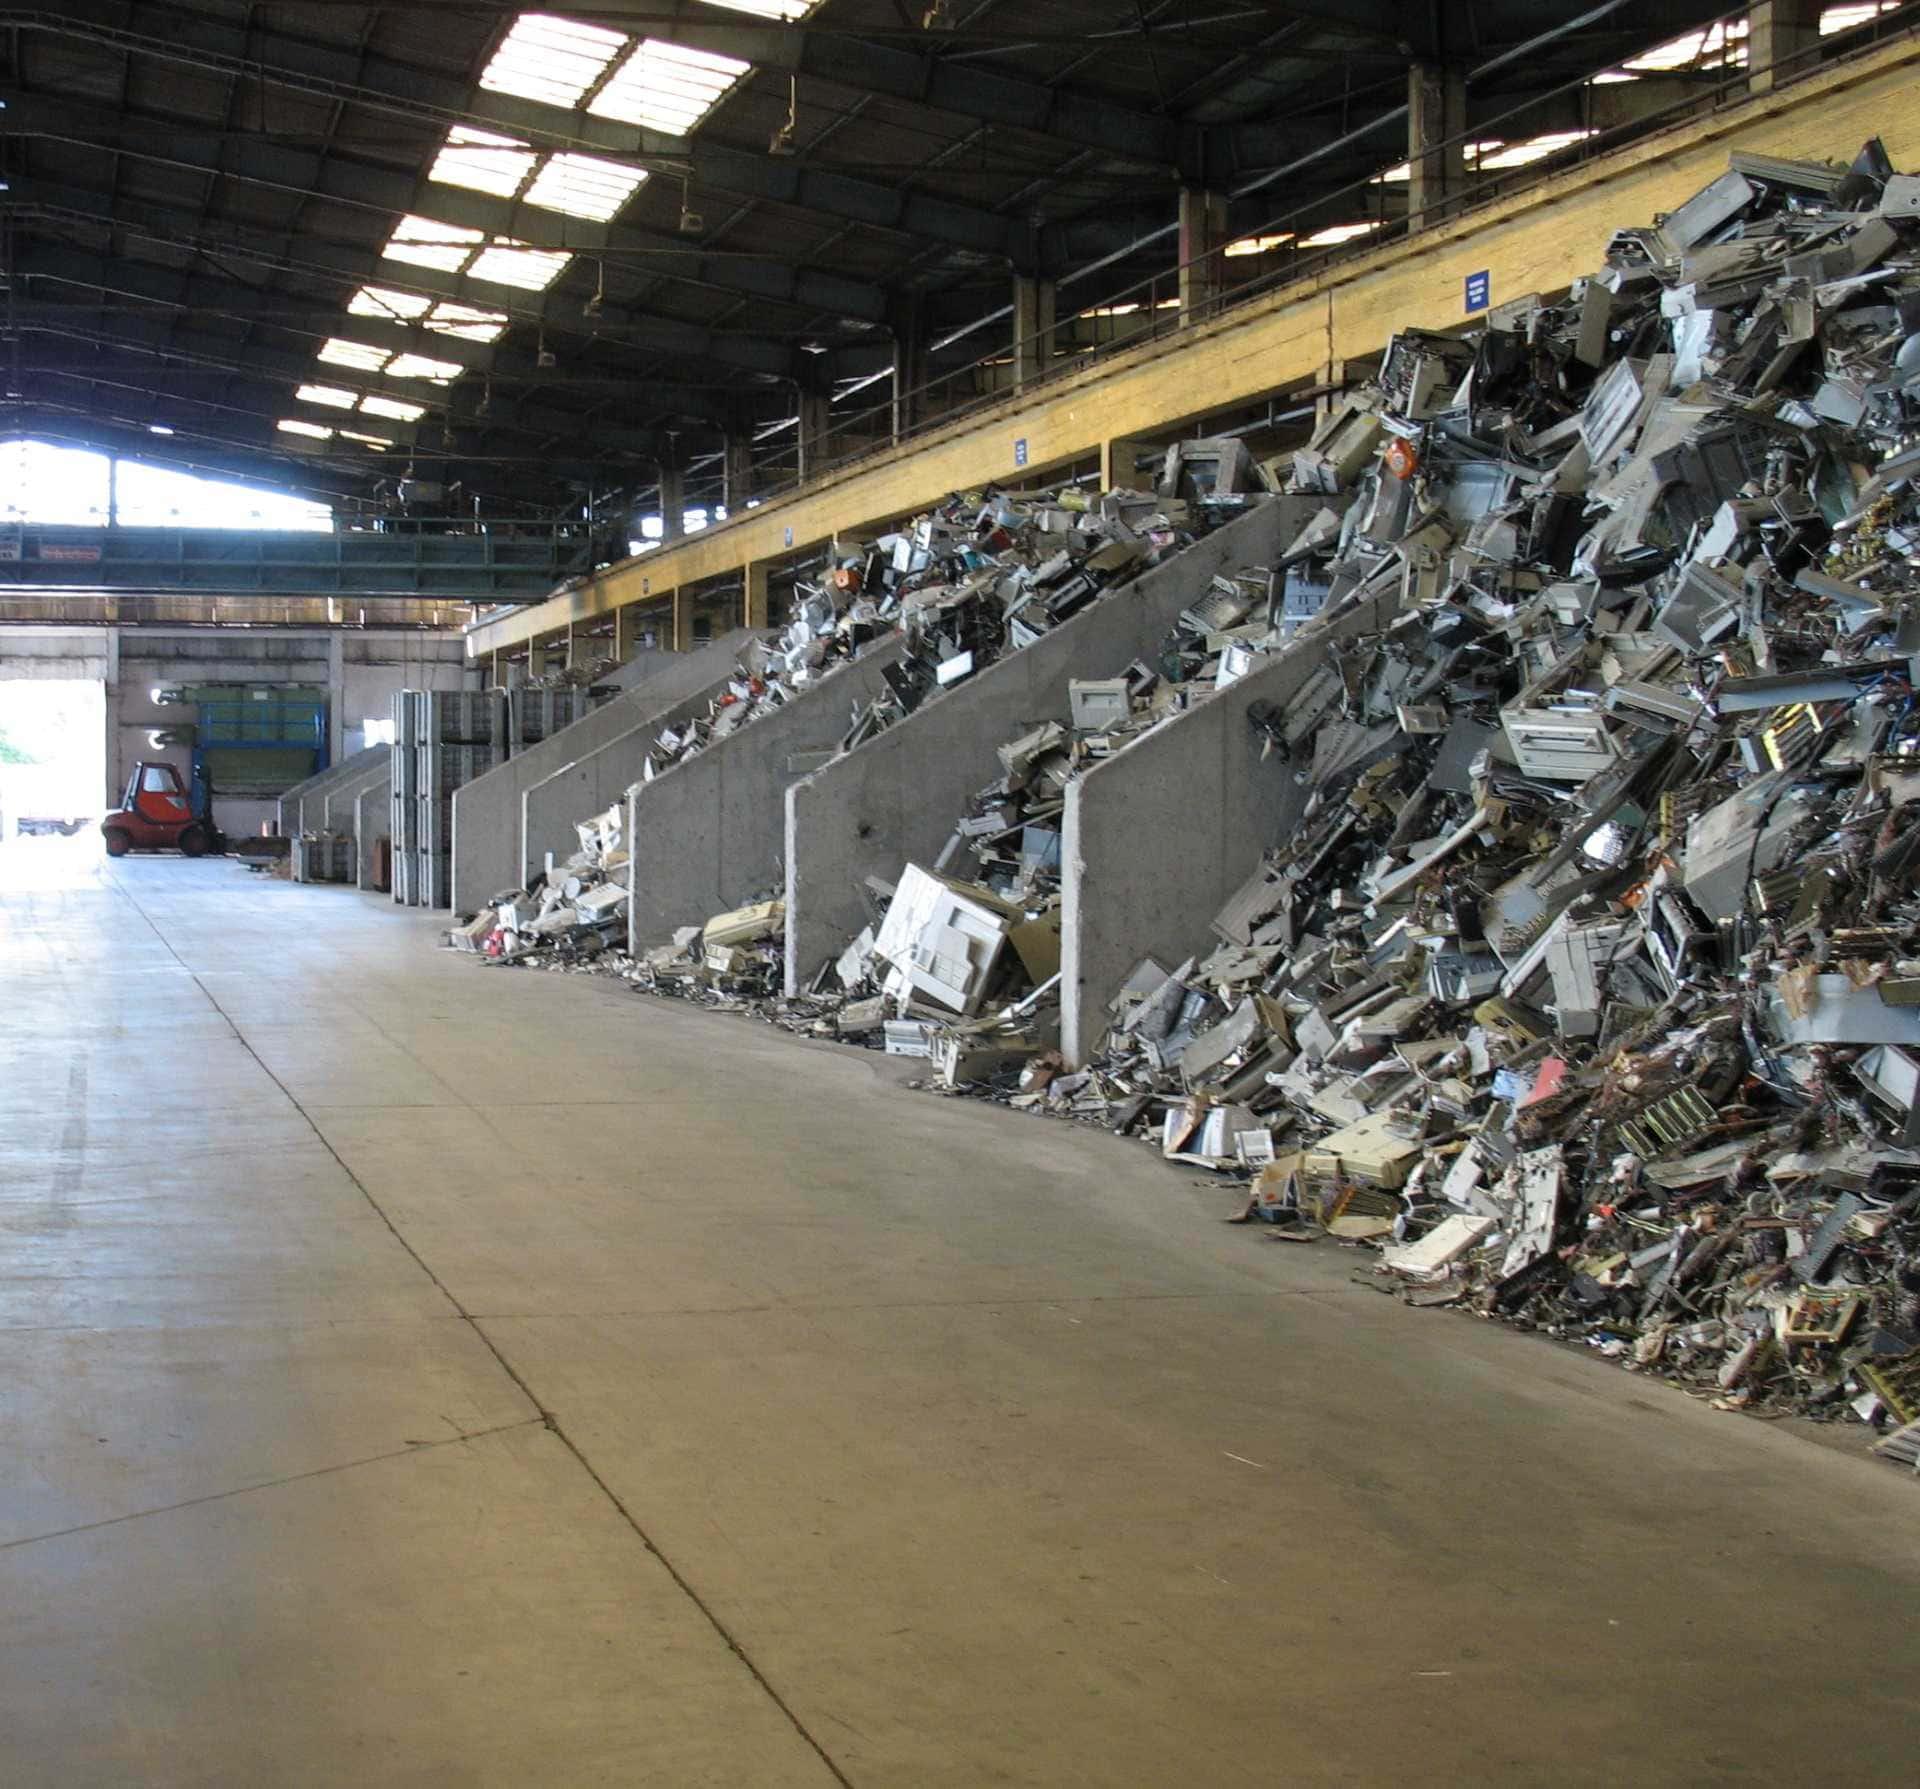 Elektronikai hulladékokat tároló fakkok csepeli raktárban